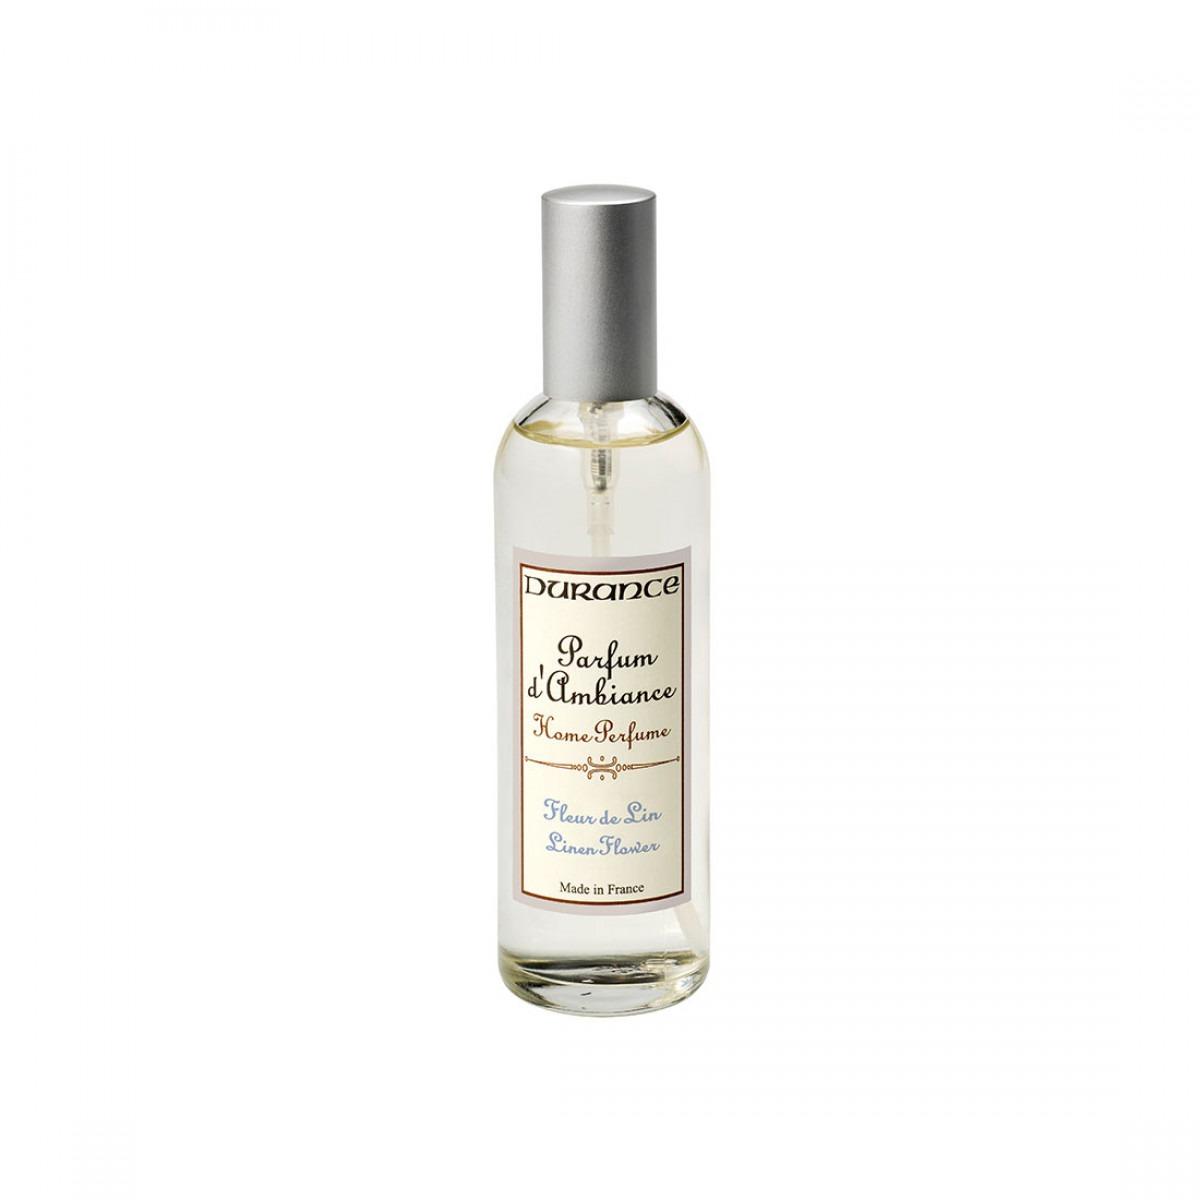 Durance Linen Flower Room Spray 100ml